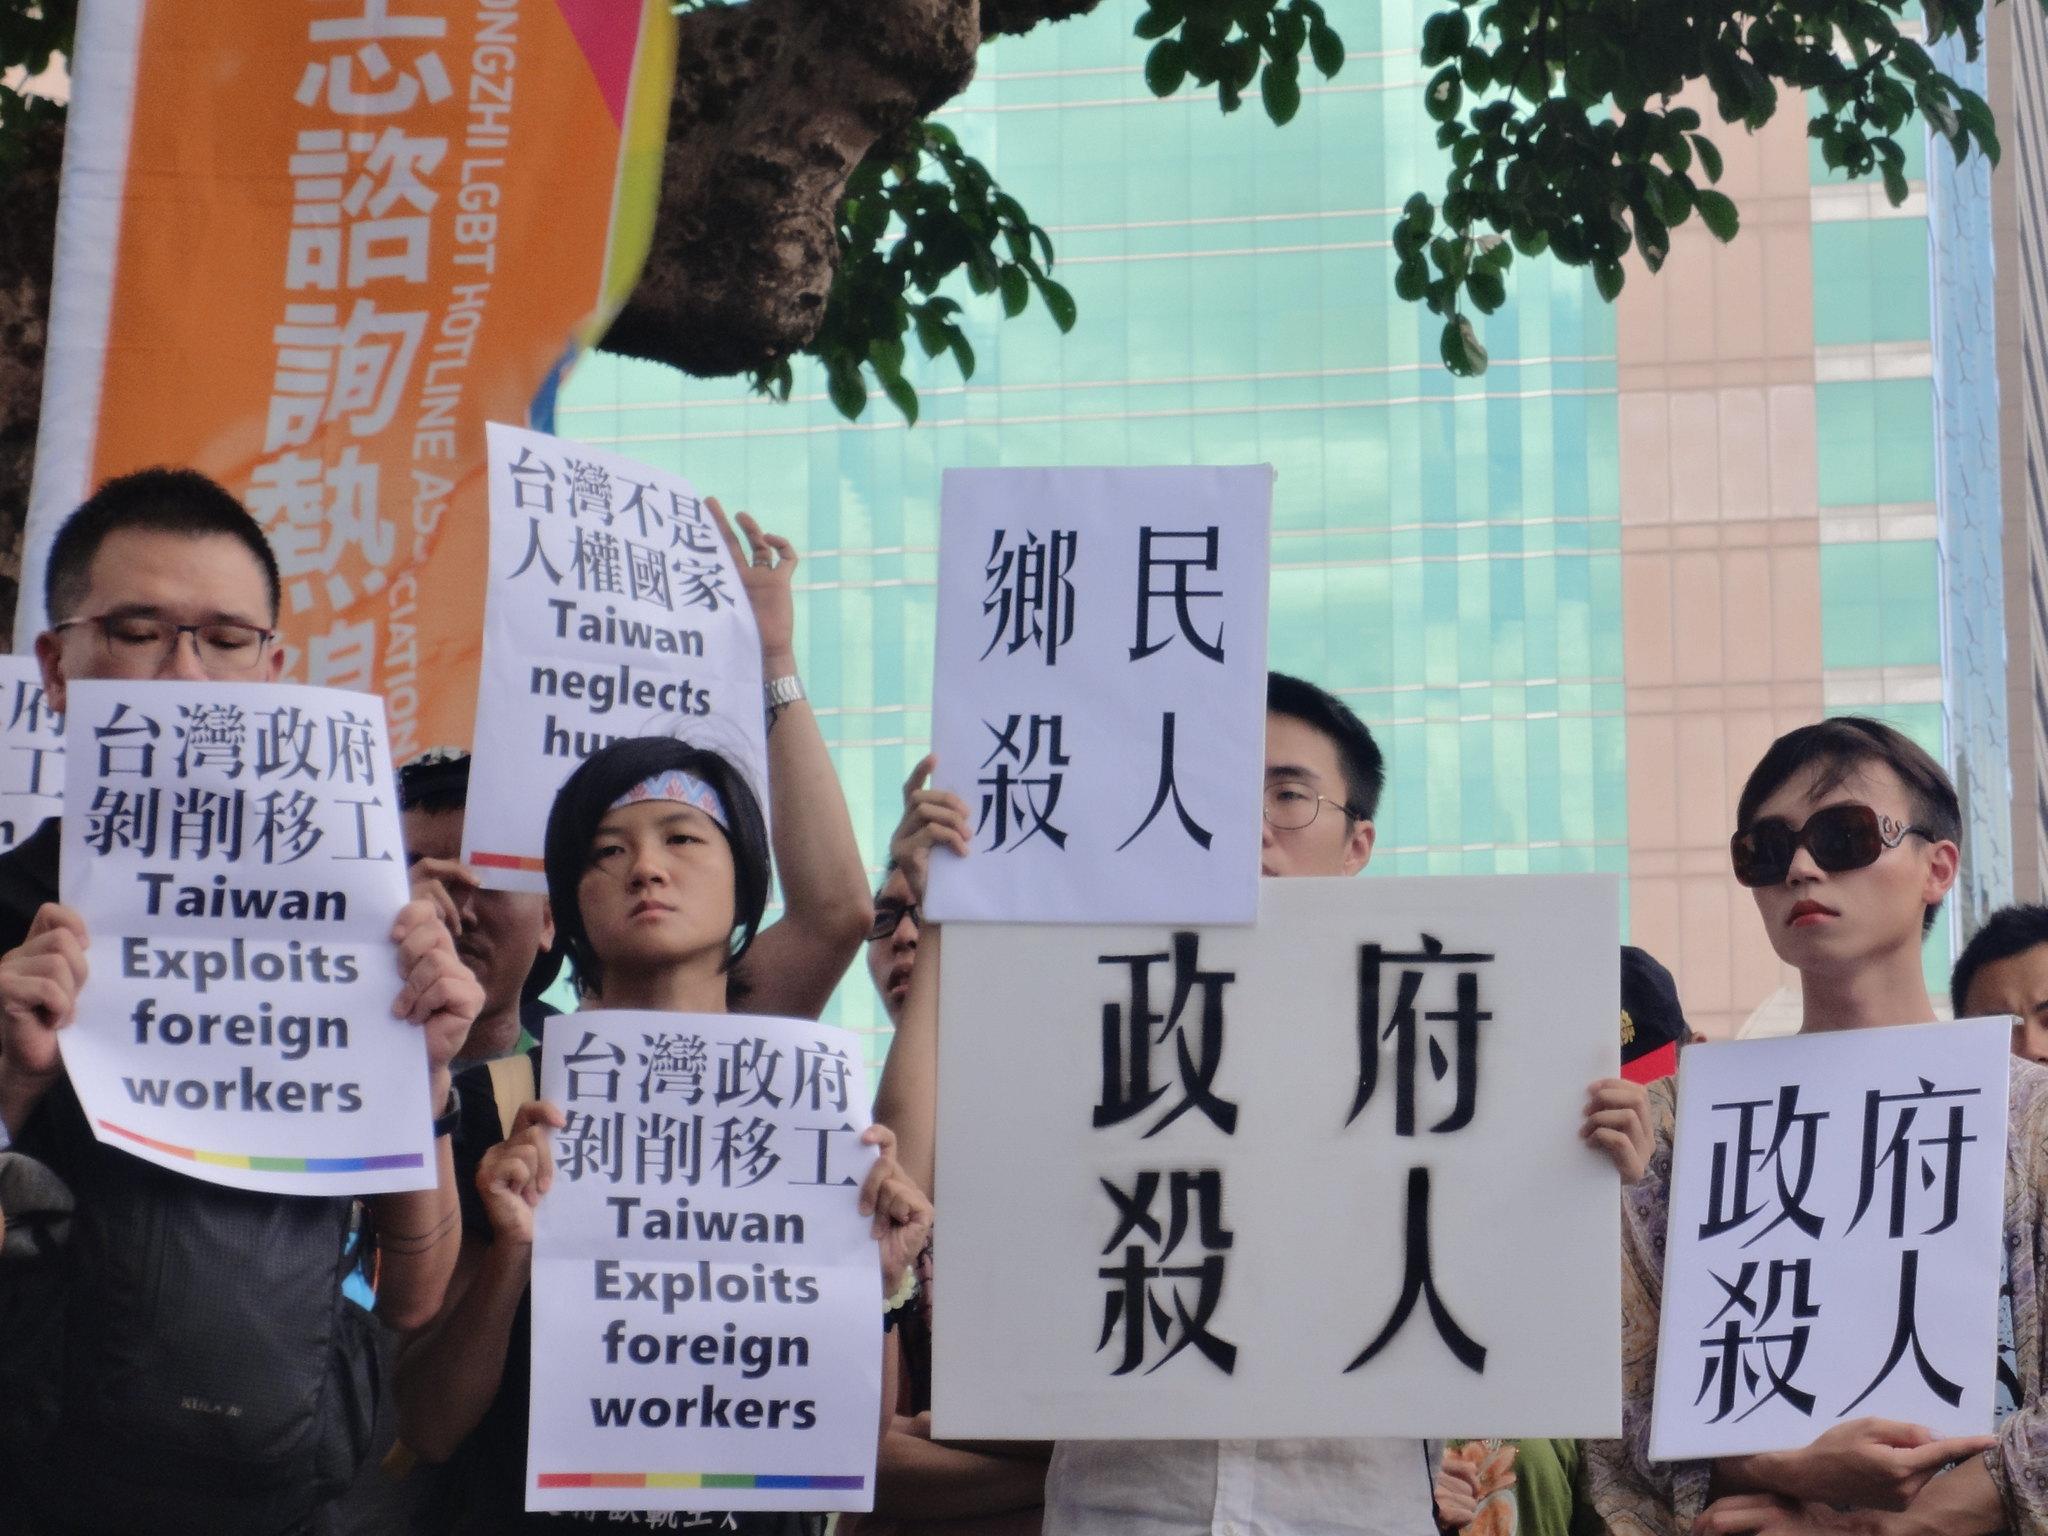 同志團體聲援越勞,批評網路鄉民非理性謾罵和政府剝削移工。(攝影:張智琦)